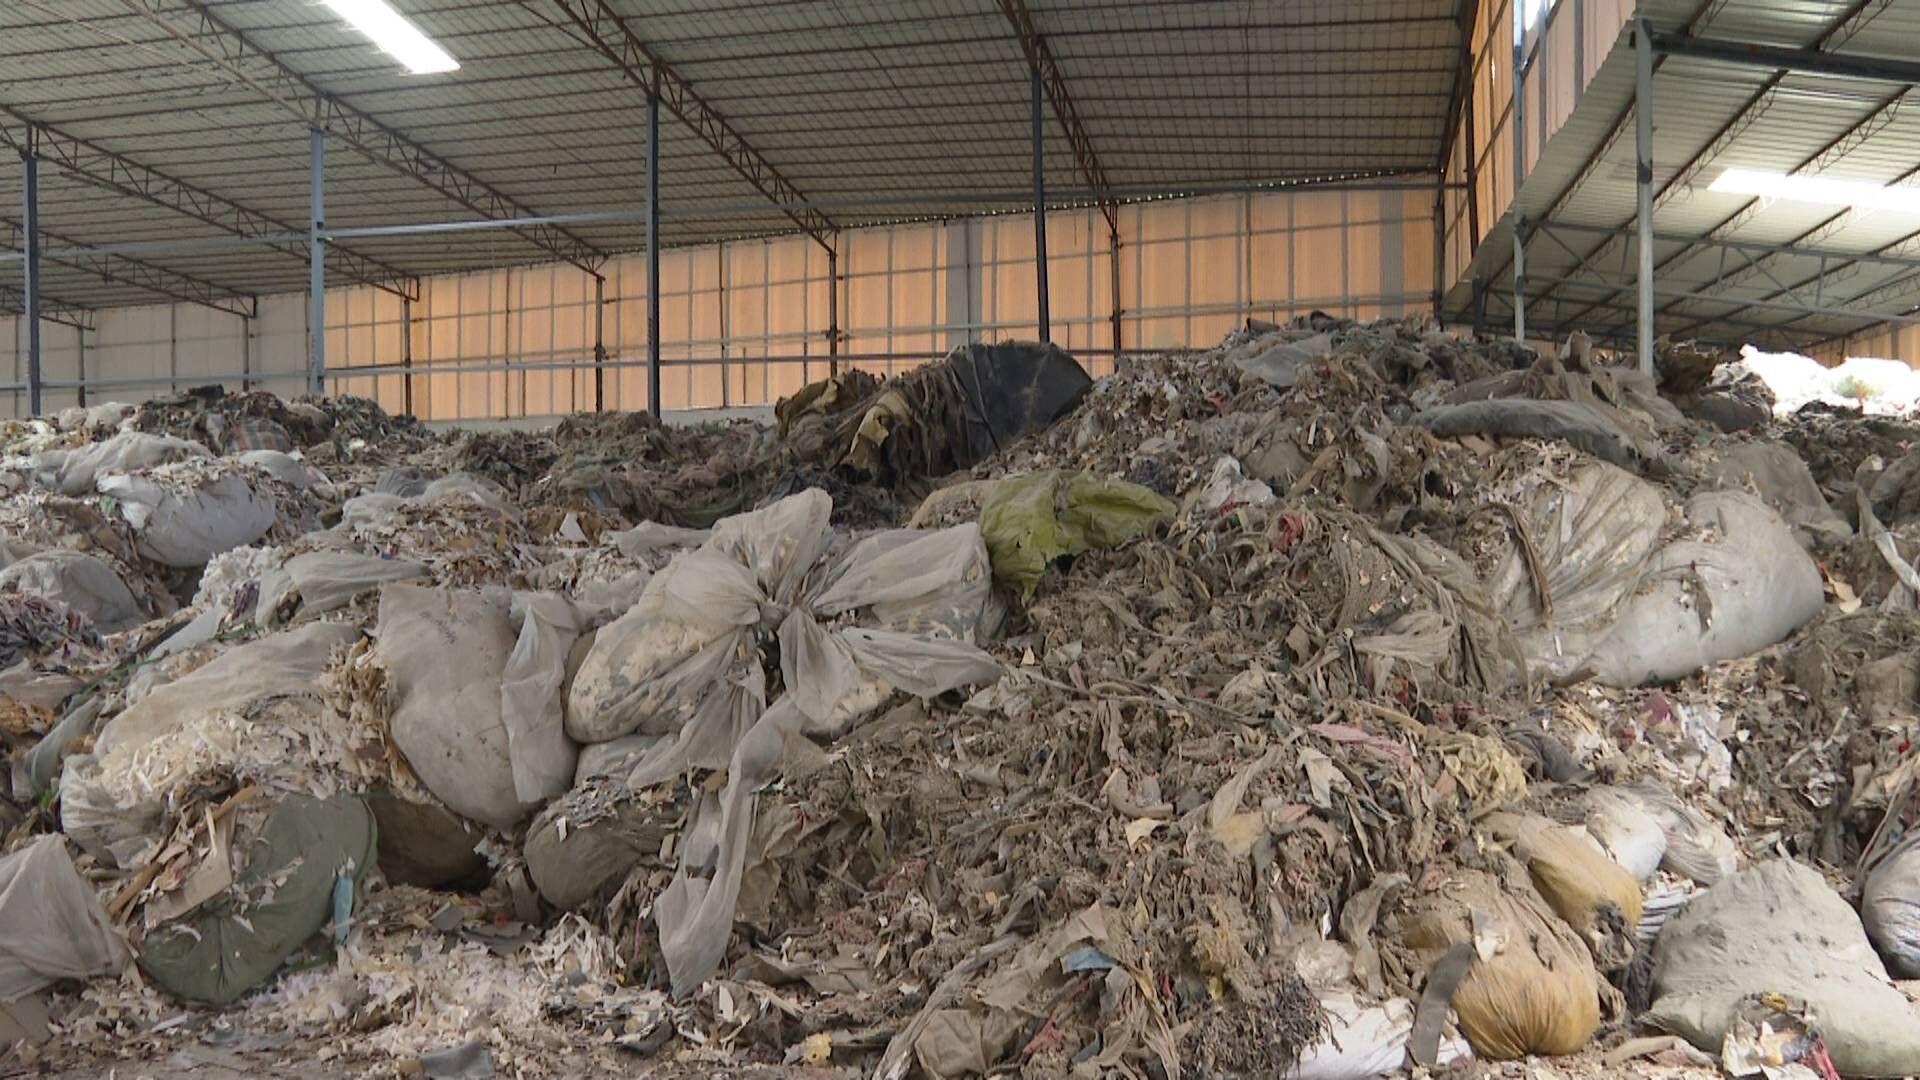 蓬江区又一厂房一夜变垃圾场 公安与环保部门介入调查